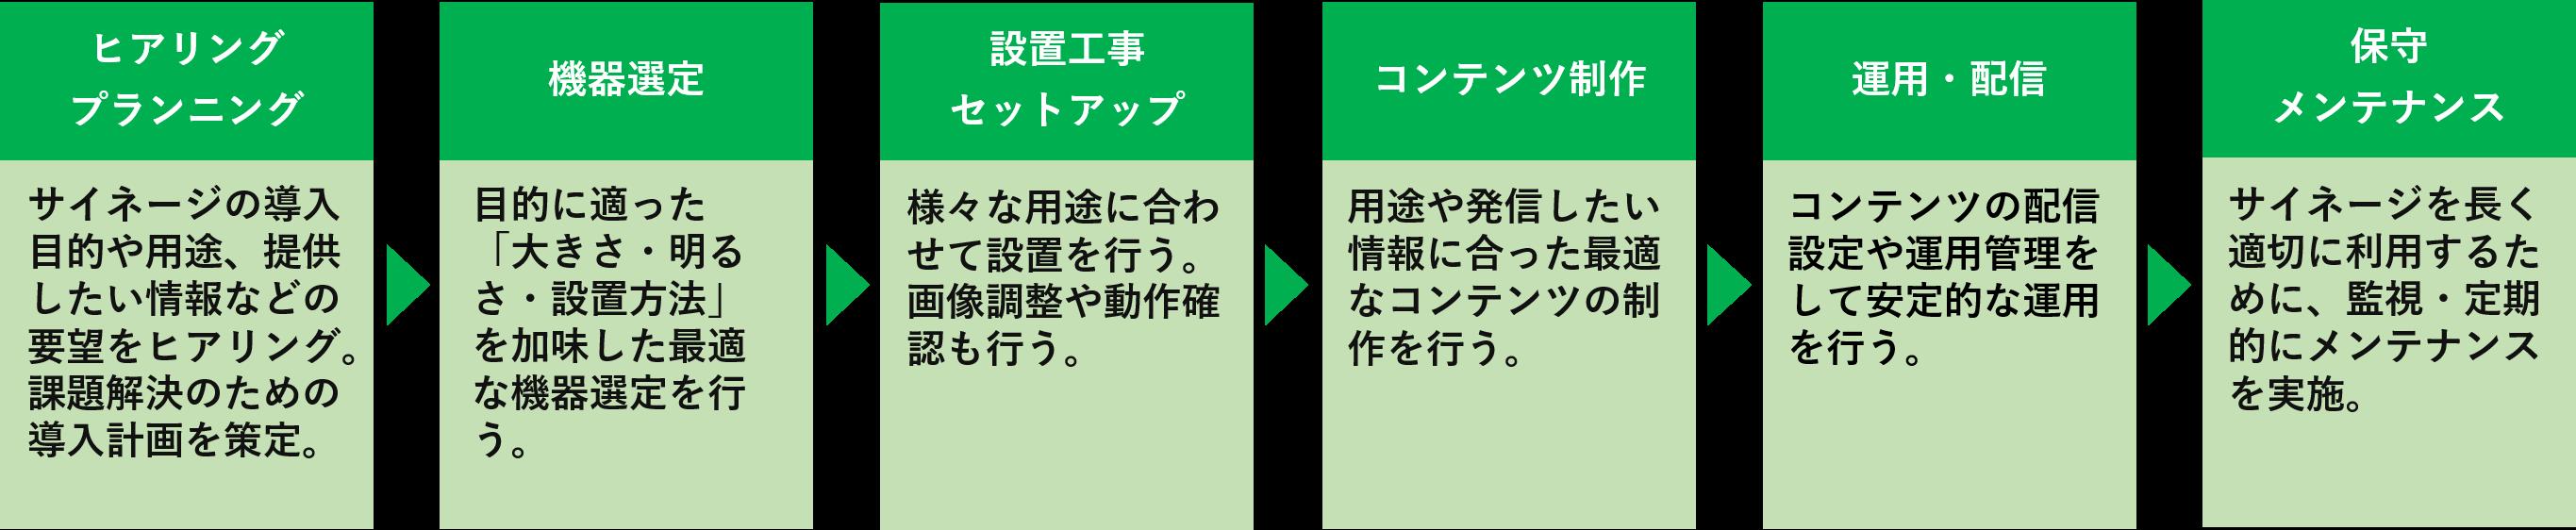 デジタルサイネージ導入の流れイメージ